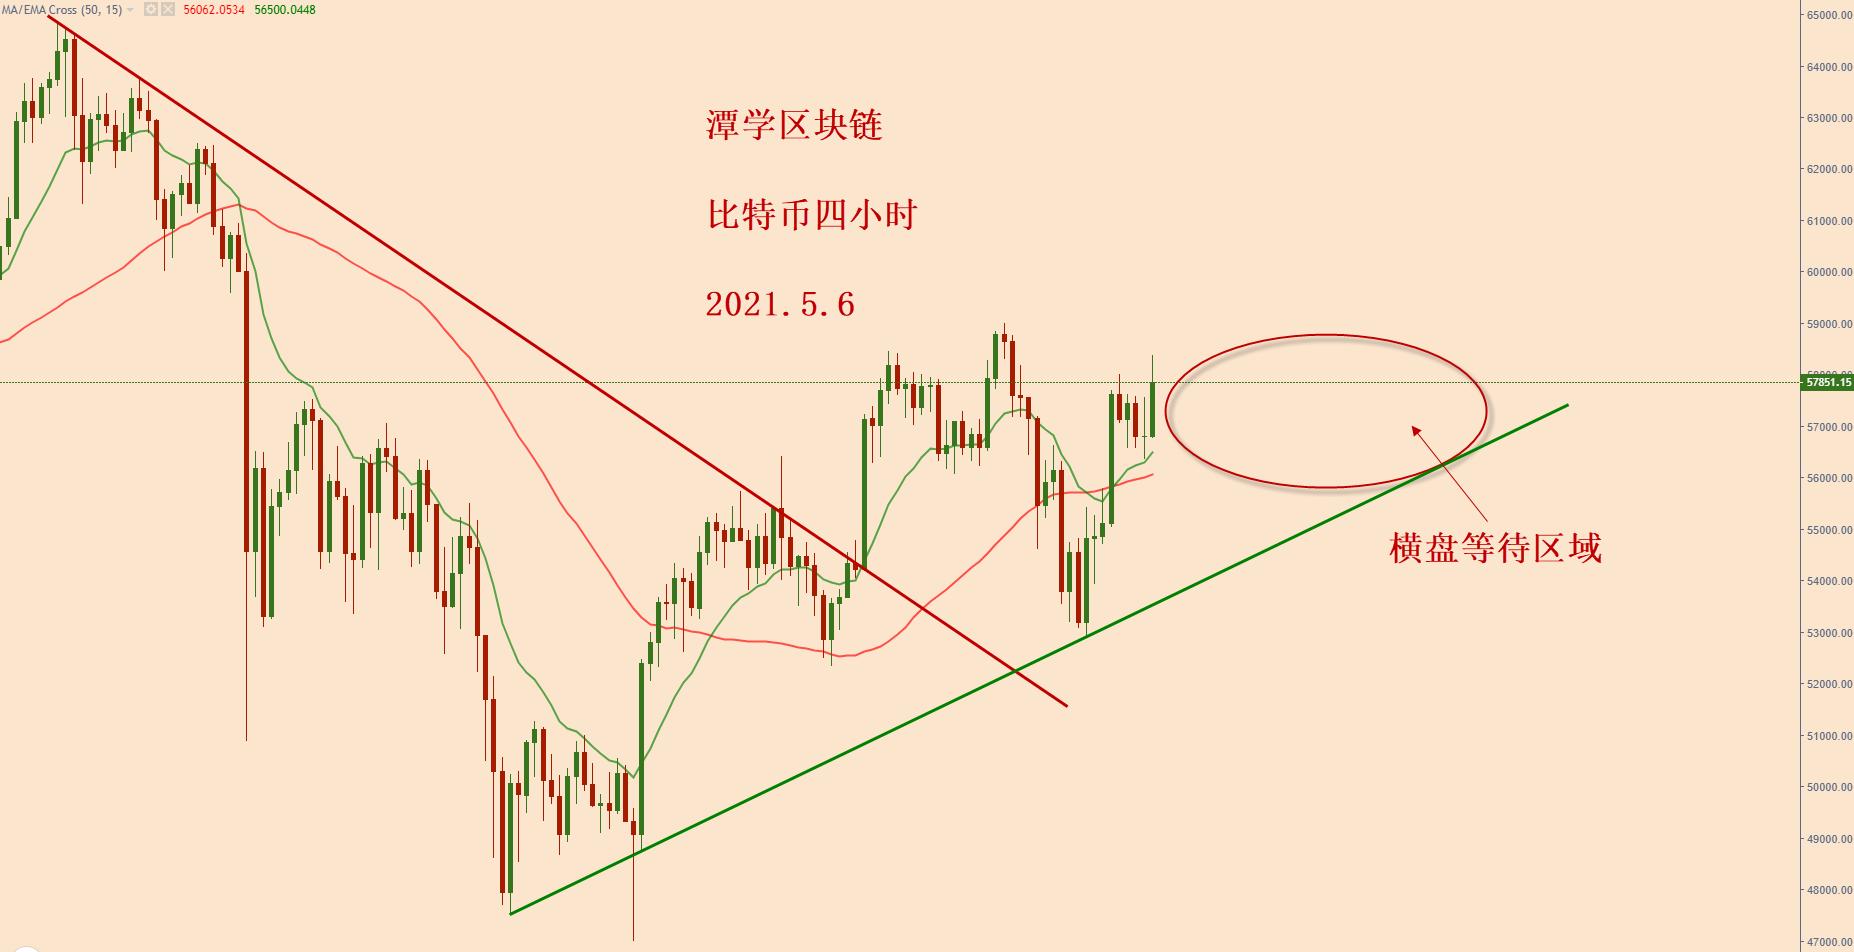 比特币昨天收了一根大阳线,后面会跌还是会涨?